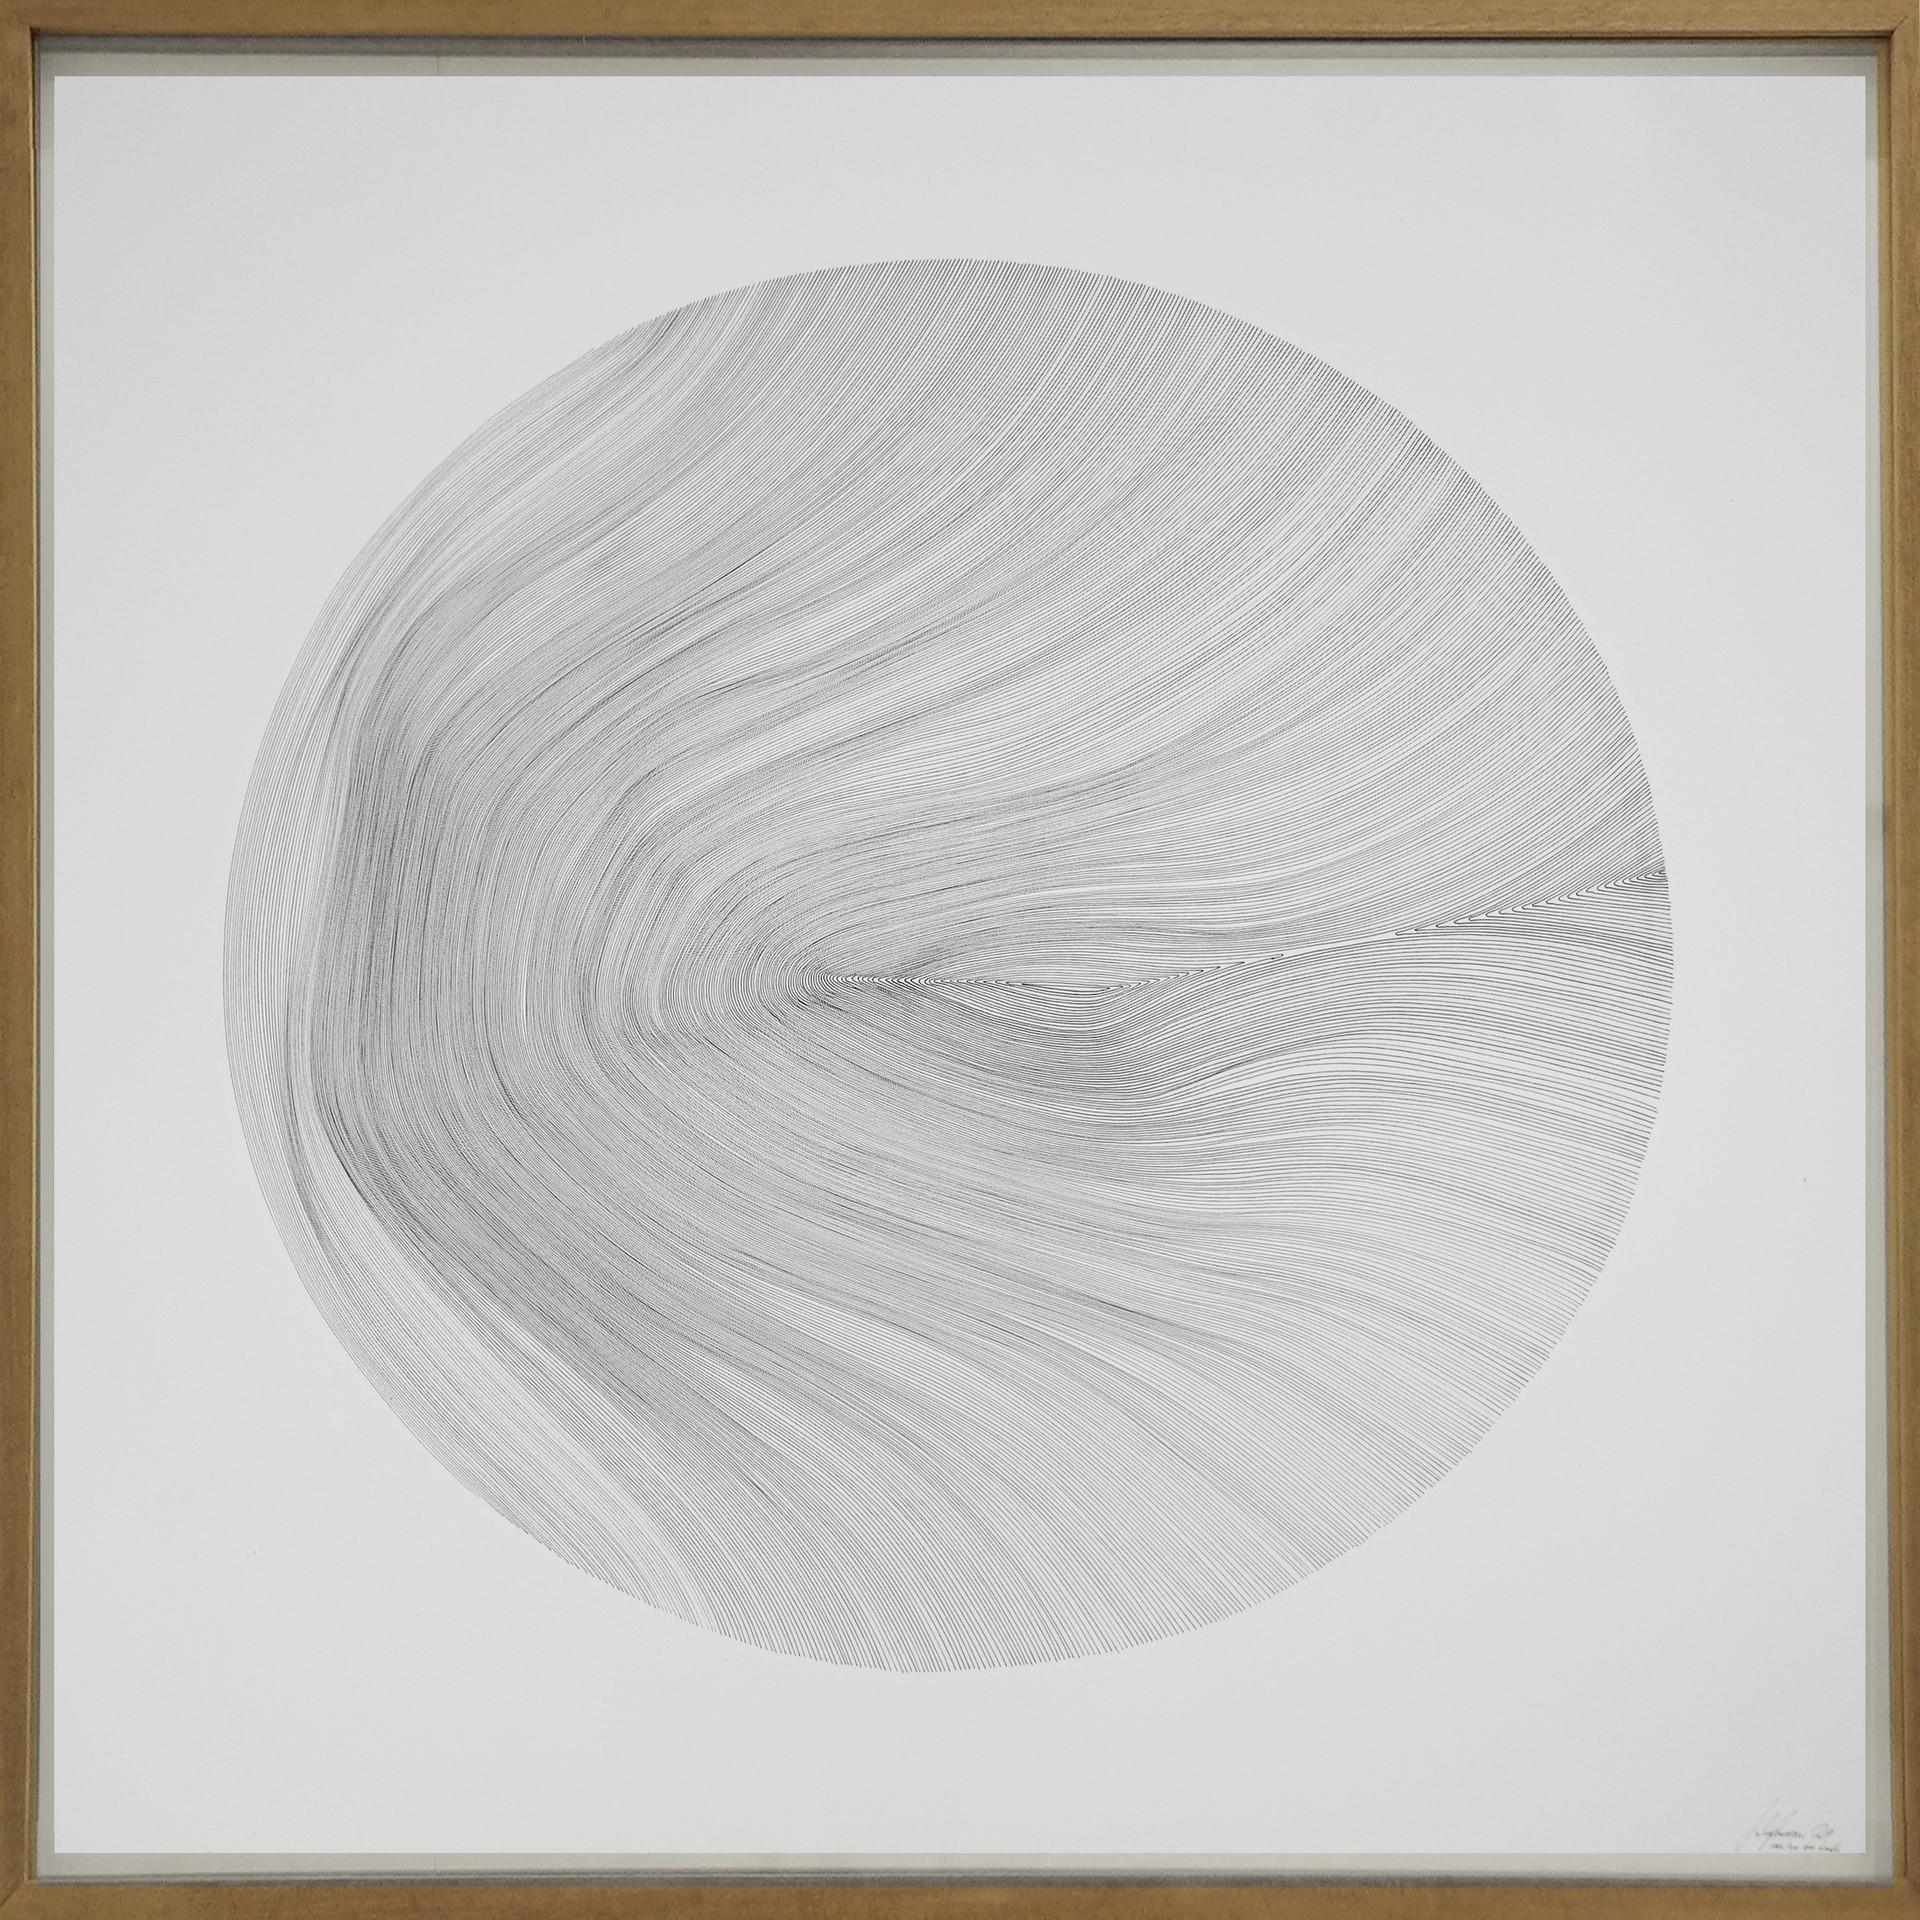 John Franzen Each Line one Breath 2019 Fineliner auf Papier 100 x 100 cm